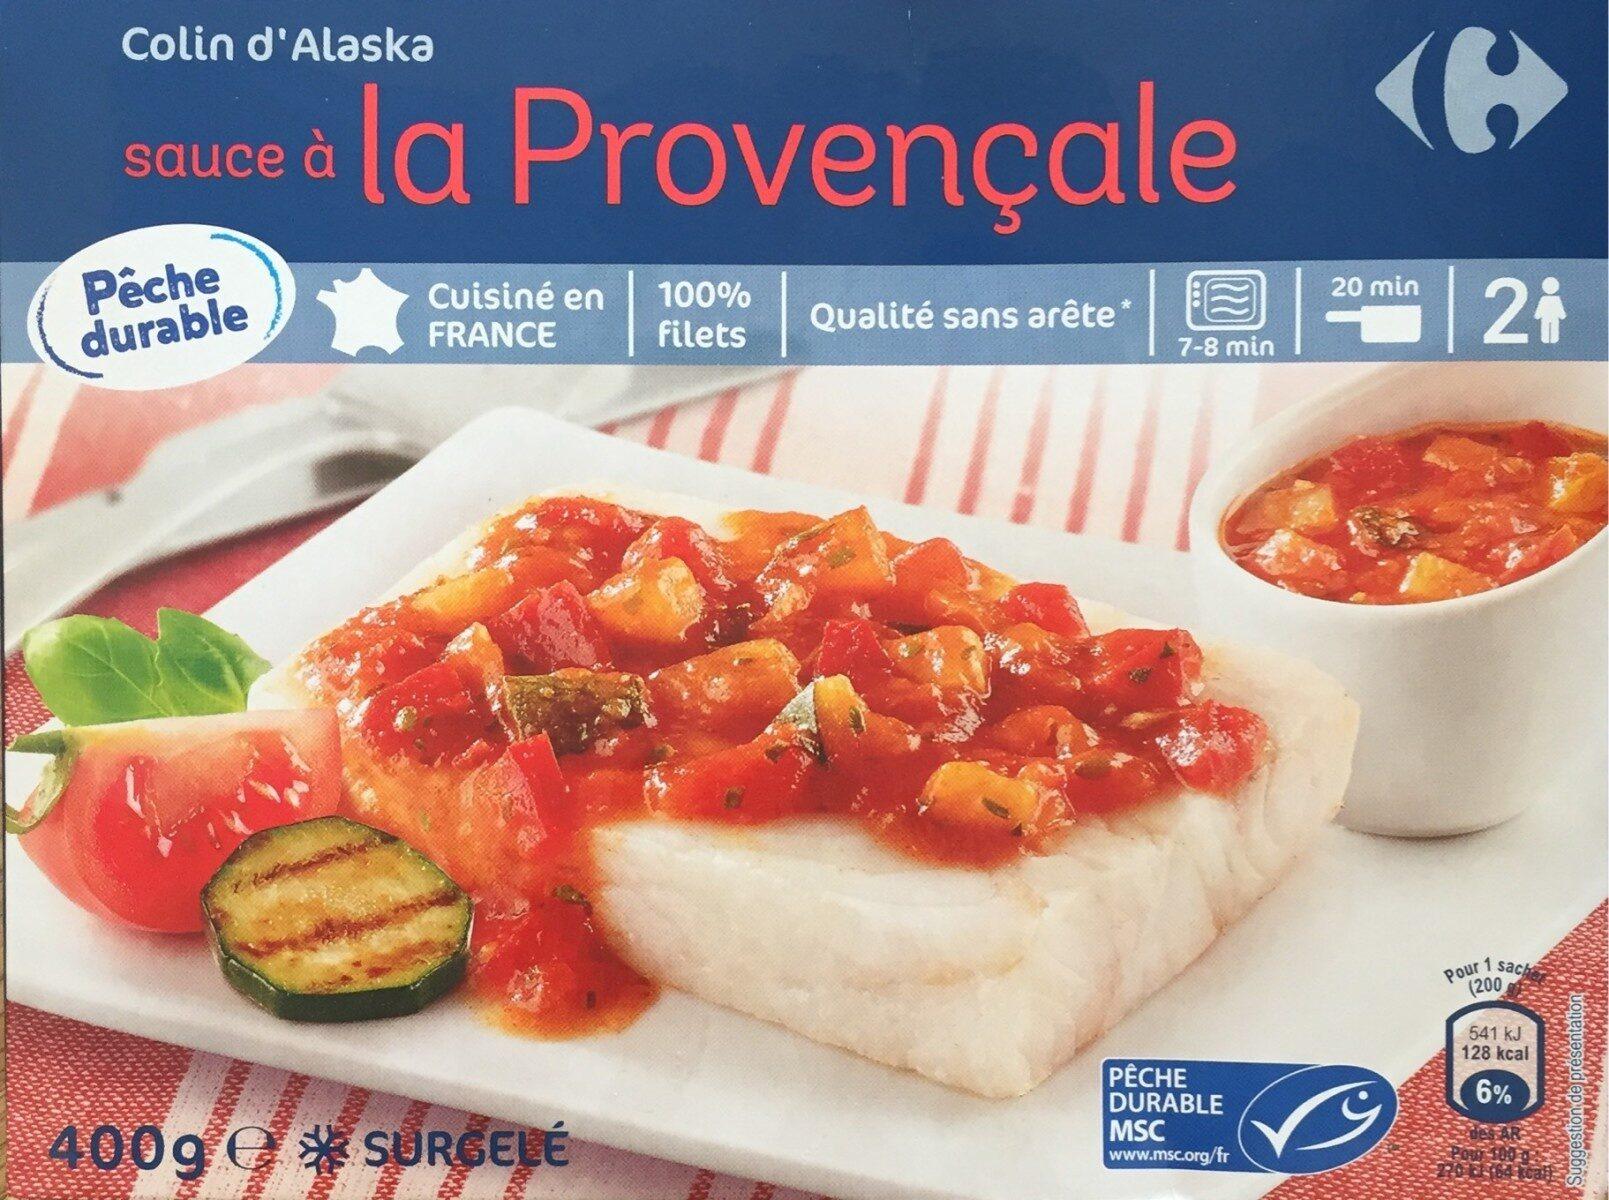 Colin d'Alaska à la Provençale, Surgelé - Produkt